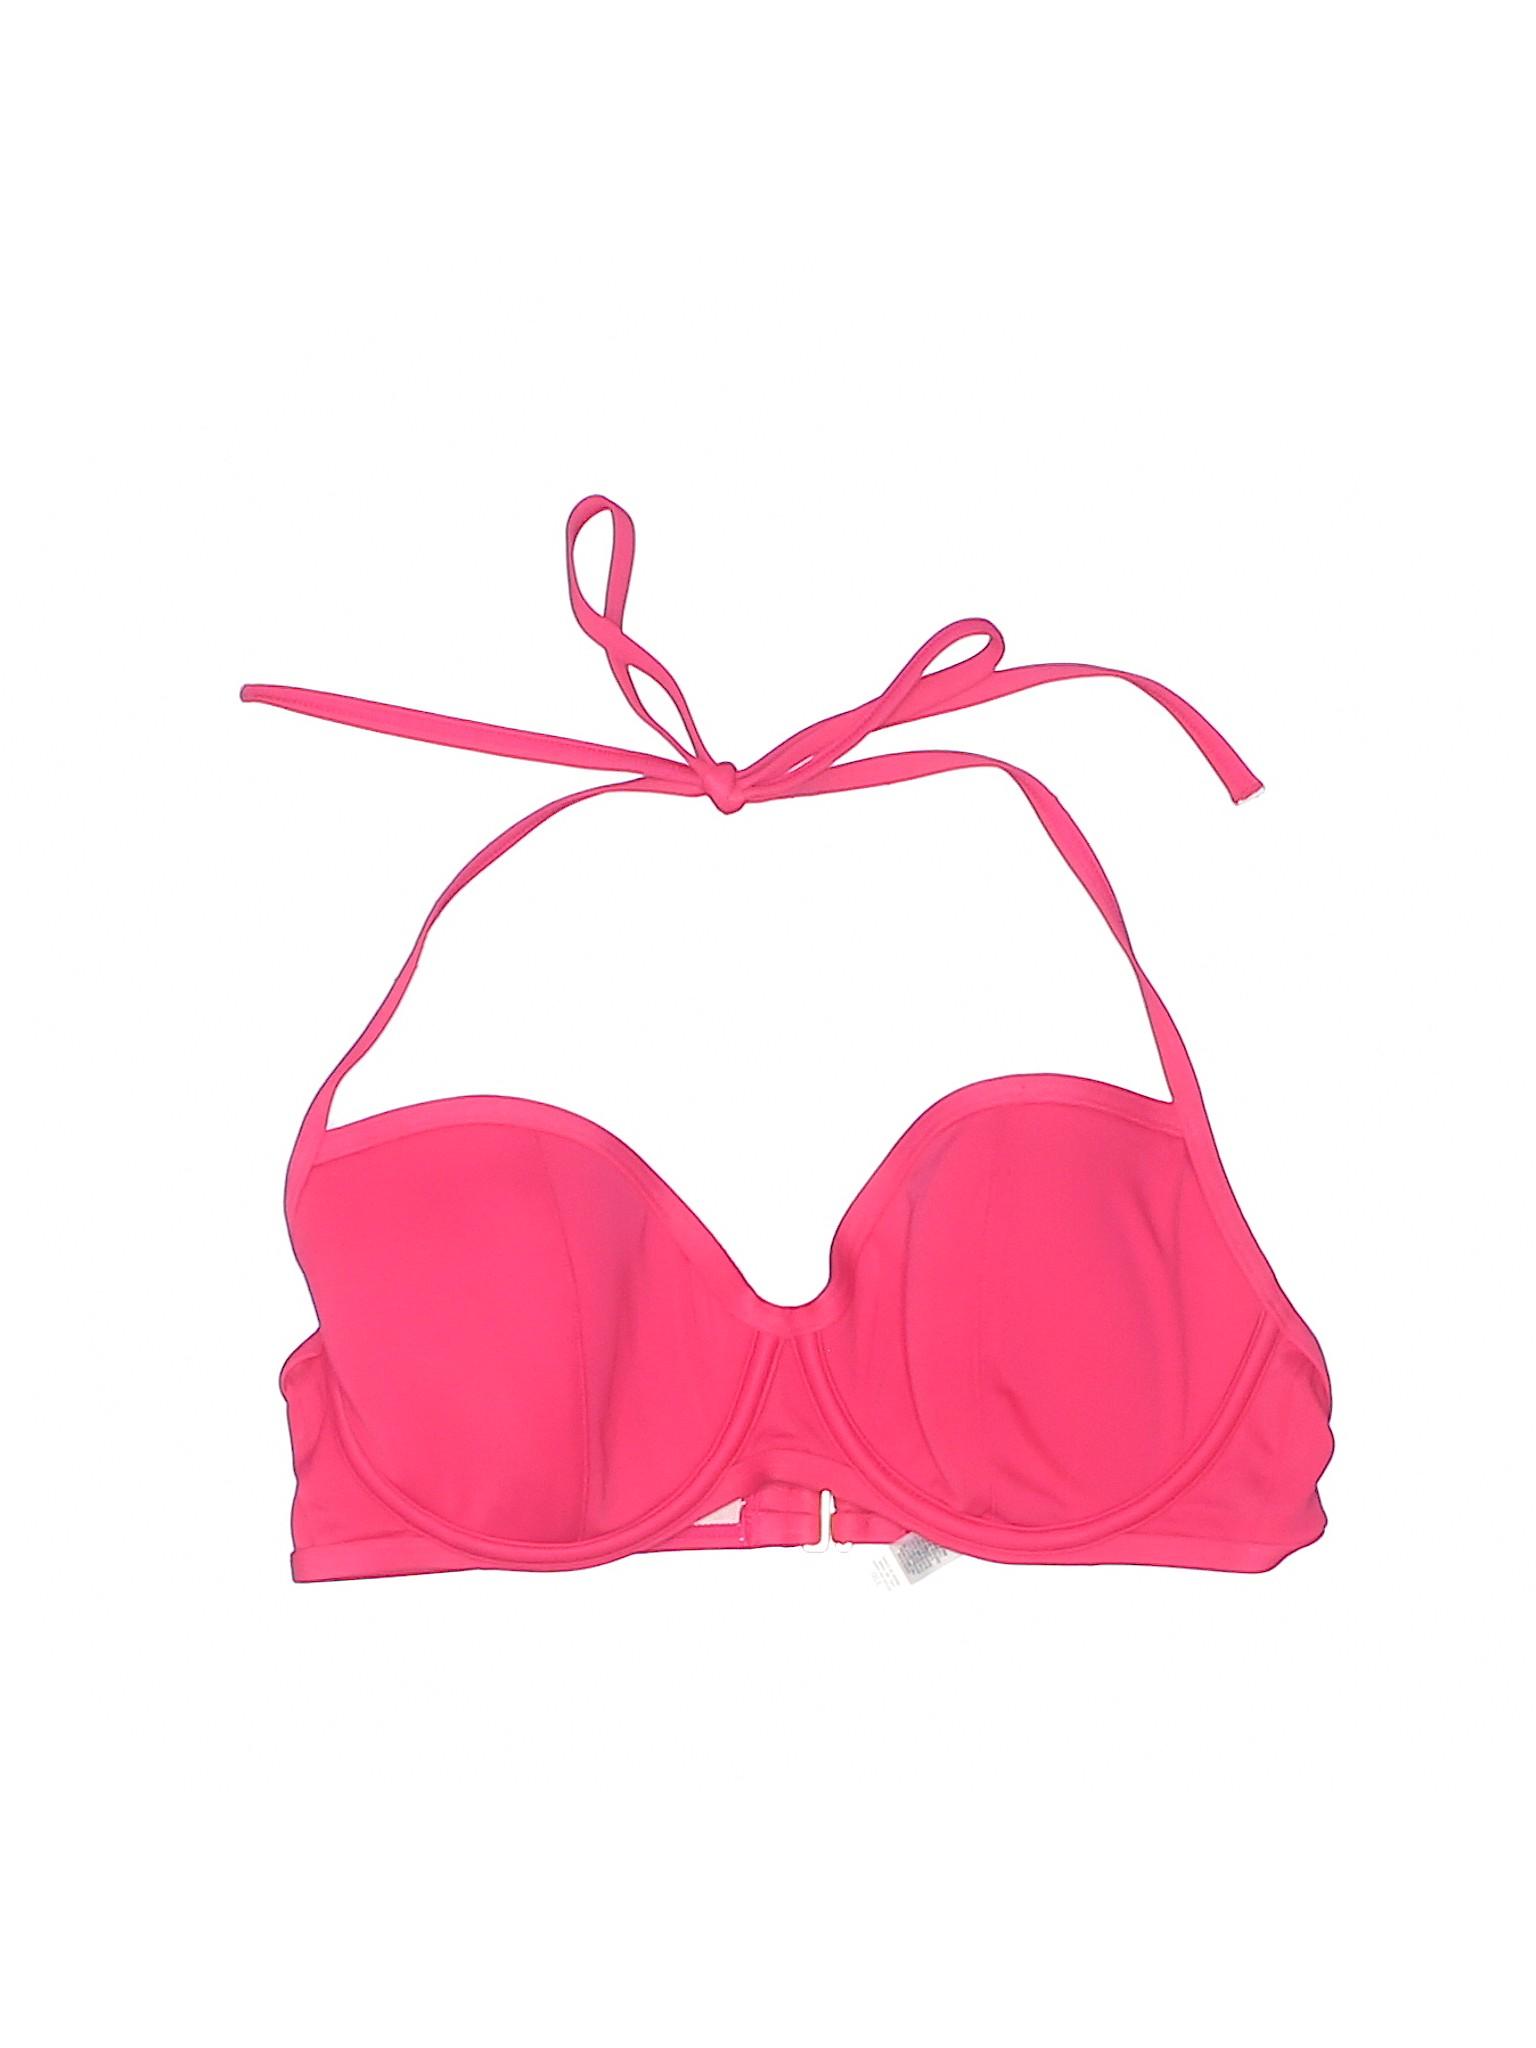 Victoria's Victoria's Boutique Top Boutique Swimsuit Victoria's Secret Boutique Boutique Secret Swimsuit Secret Top Victoria's Swimsuit Secret Top E5g77q